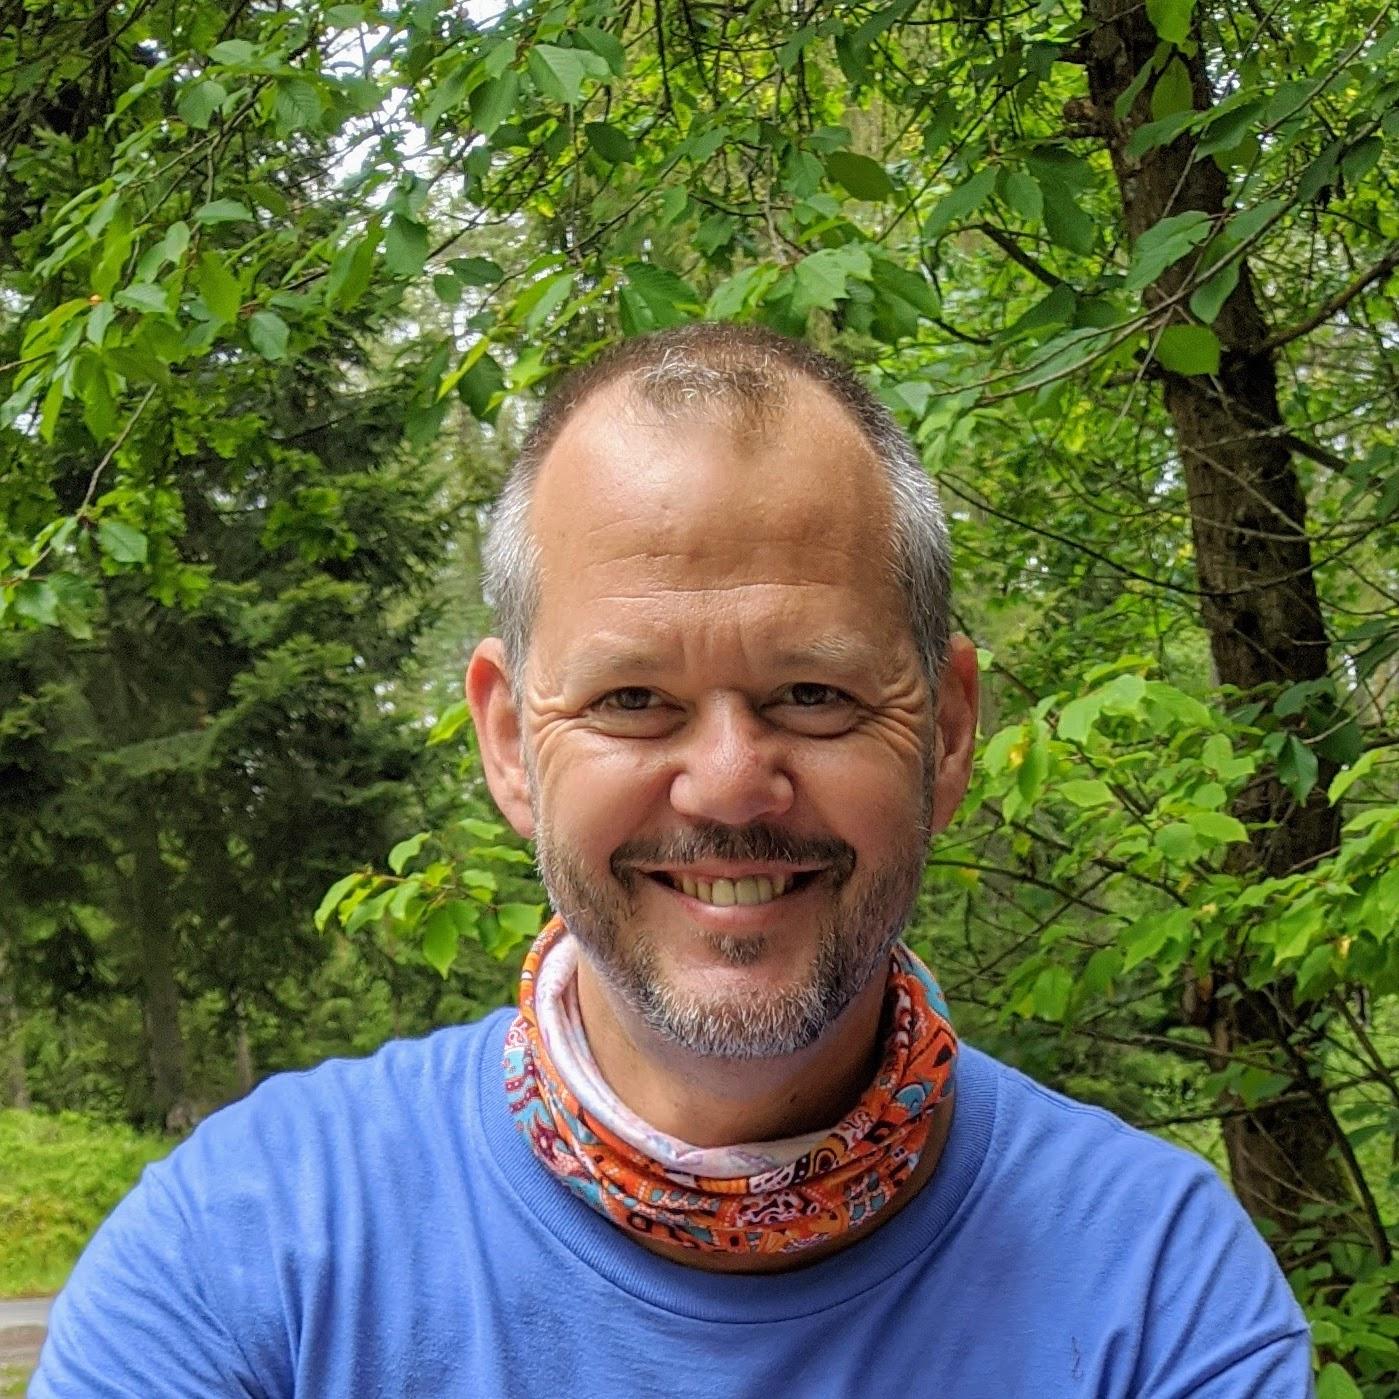 Hubert Mayer vom Travelllerlog.eu im Juni 2020